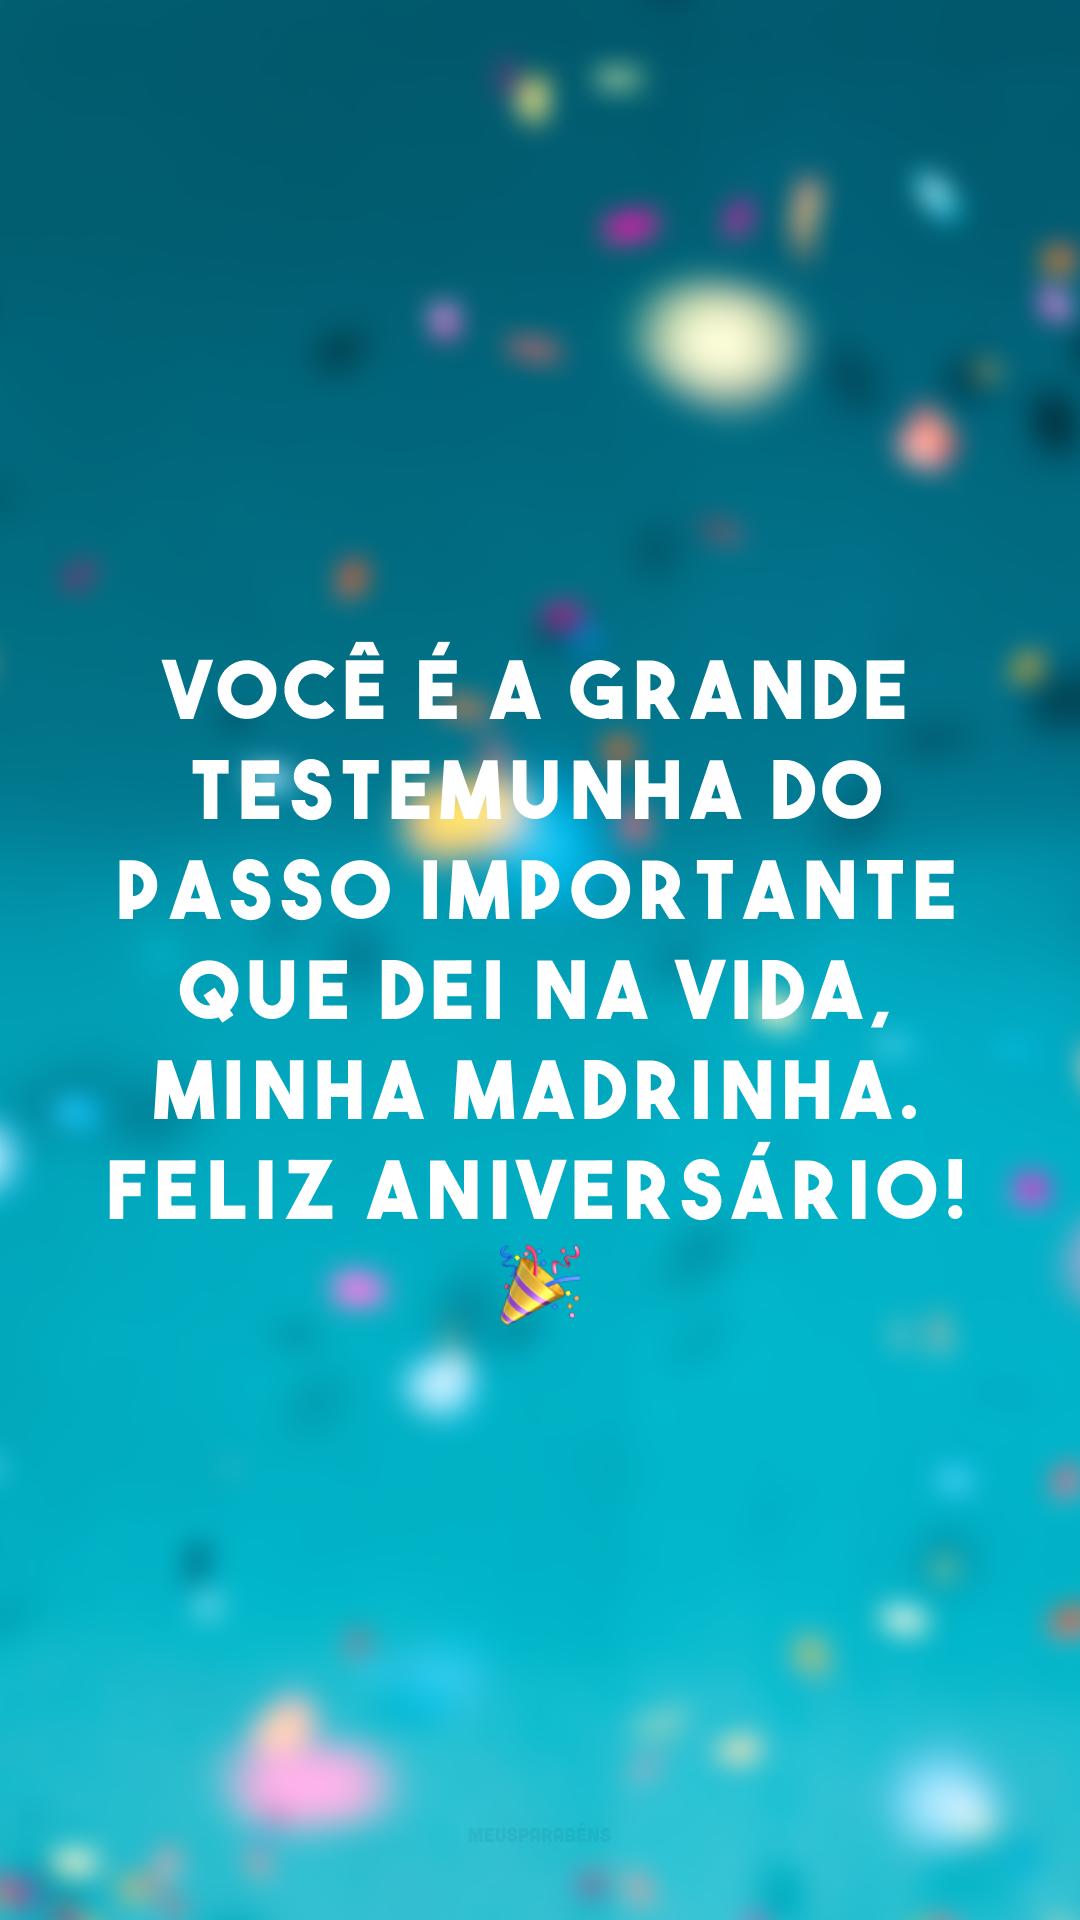 Você é a grande testemunha do passo importante que dei na vida, minha madrinha. Feliz aniversário! 🎉